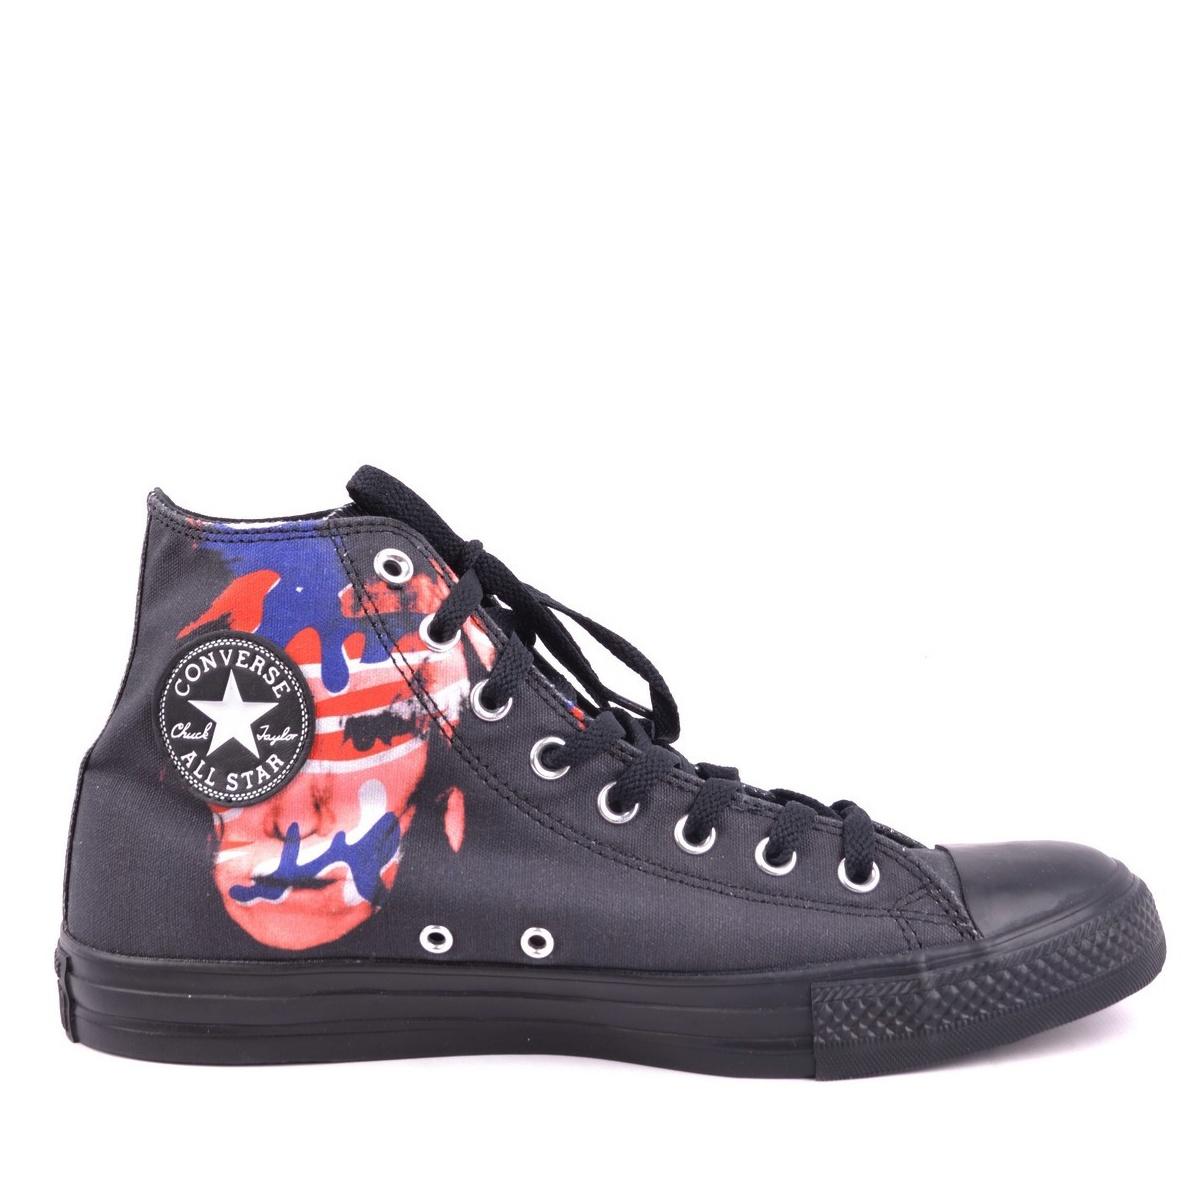 626595fcbddb Pánske sneakers plátenky Converse All Star BC34254 black